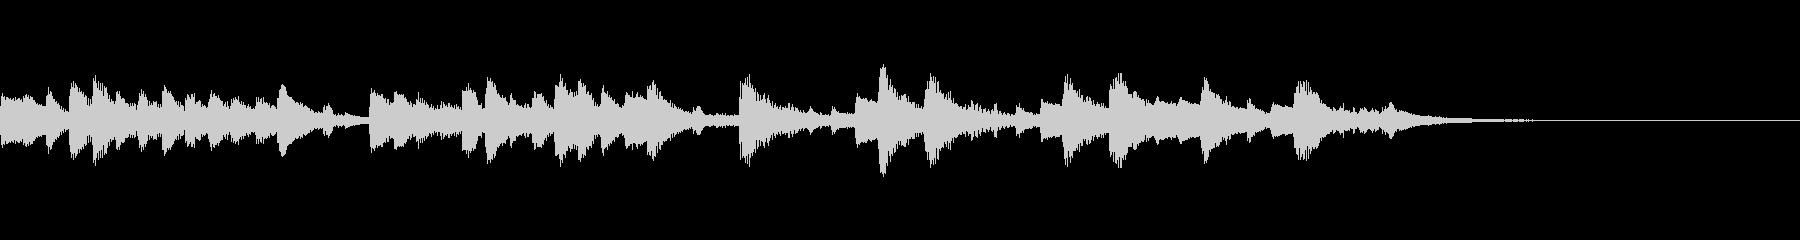 ビバルディ・マンドリン協奏曲のパロディ風の未再生の波形